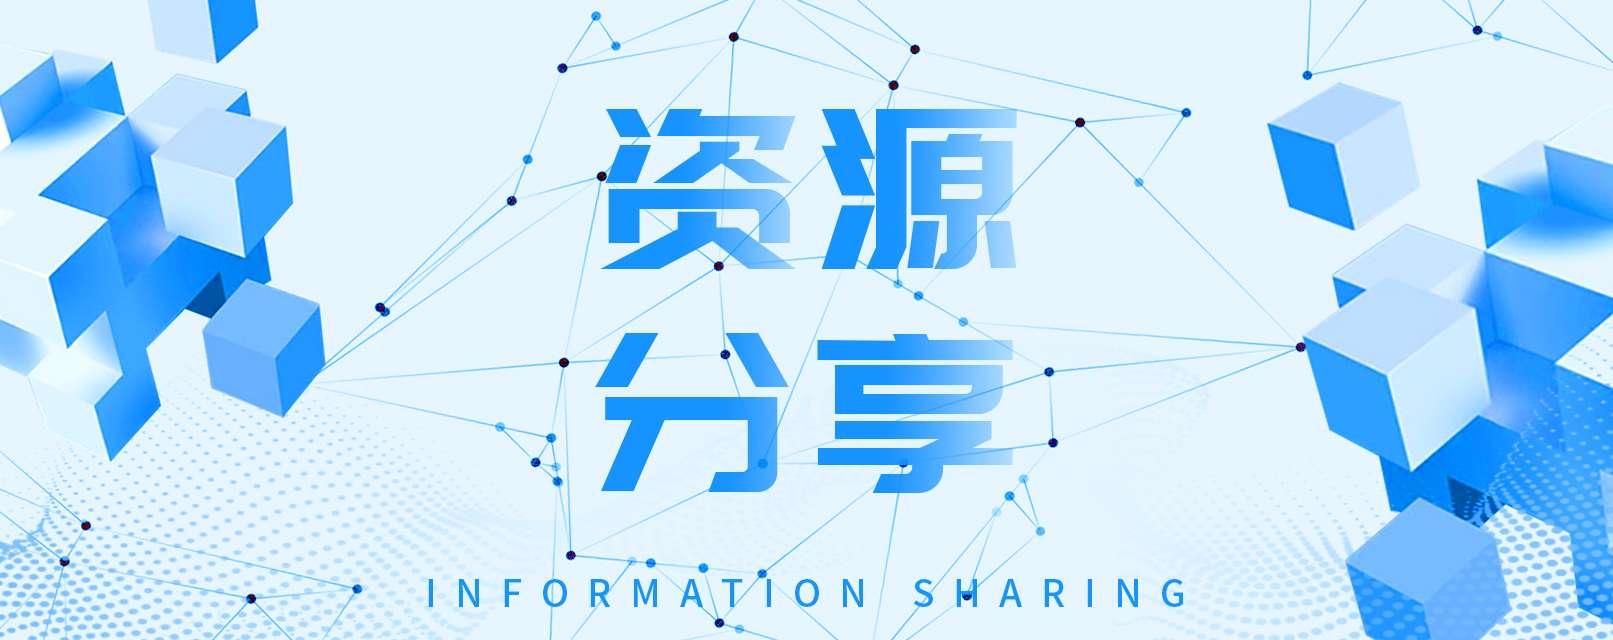 【资源分享】微商工具箱,微商必备神器,破解会员